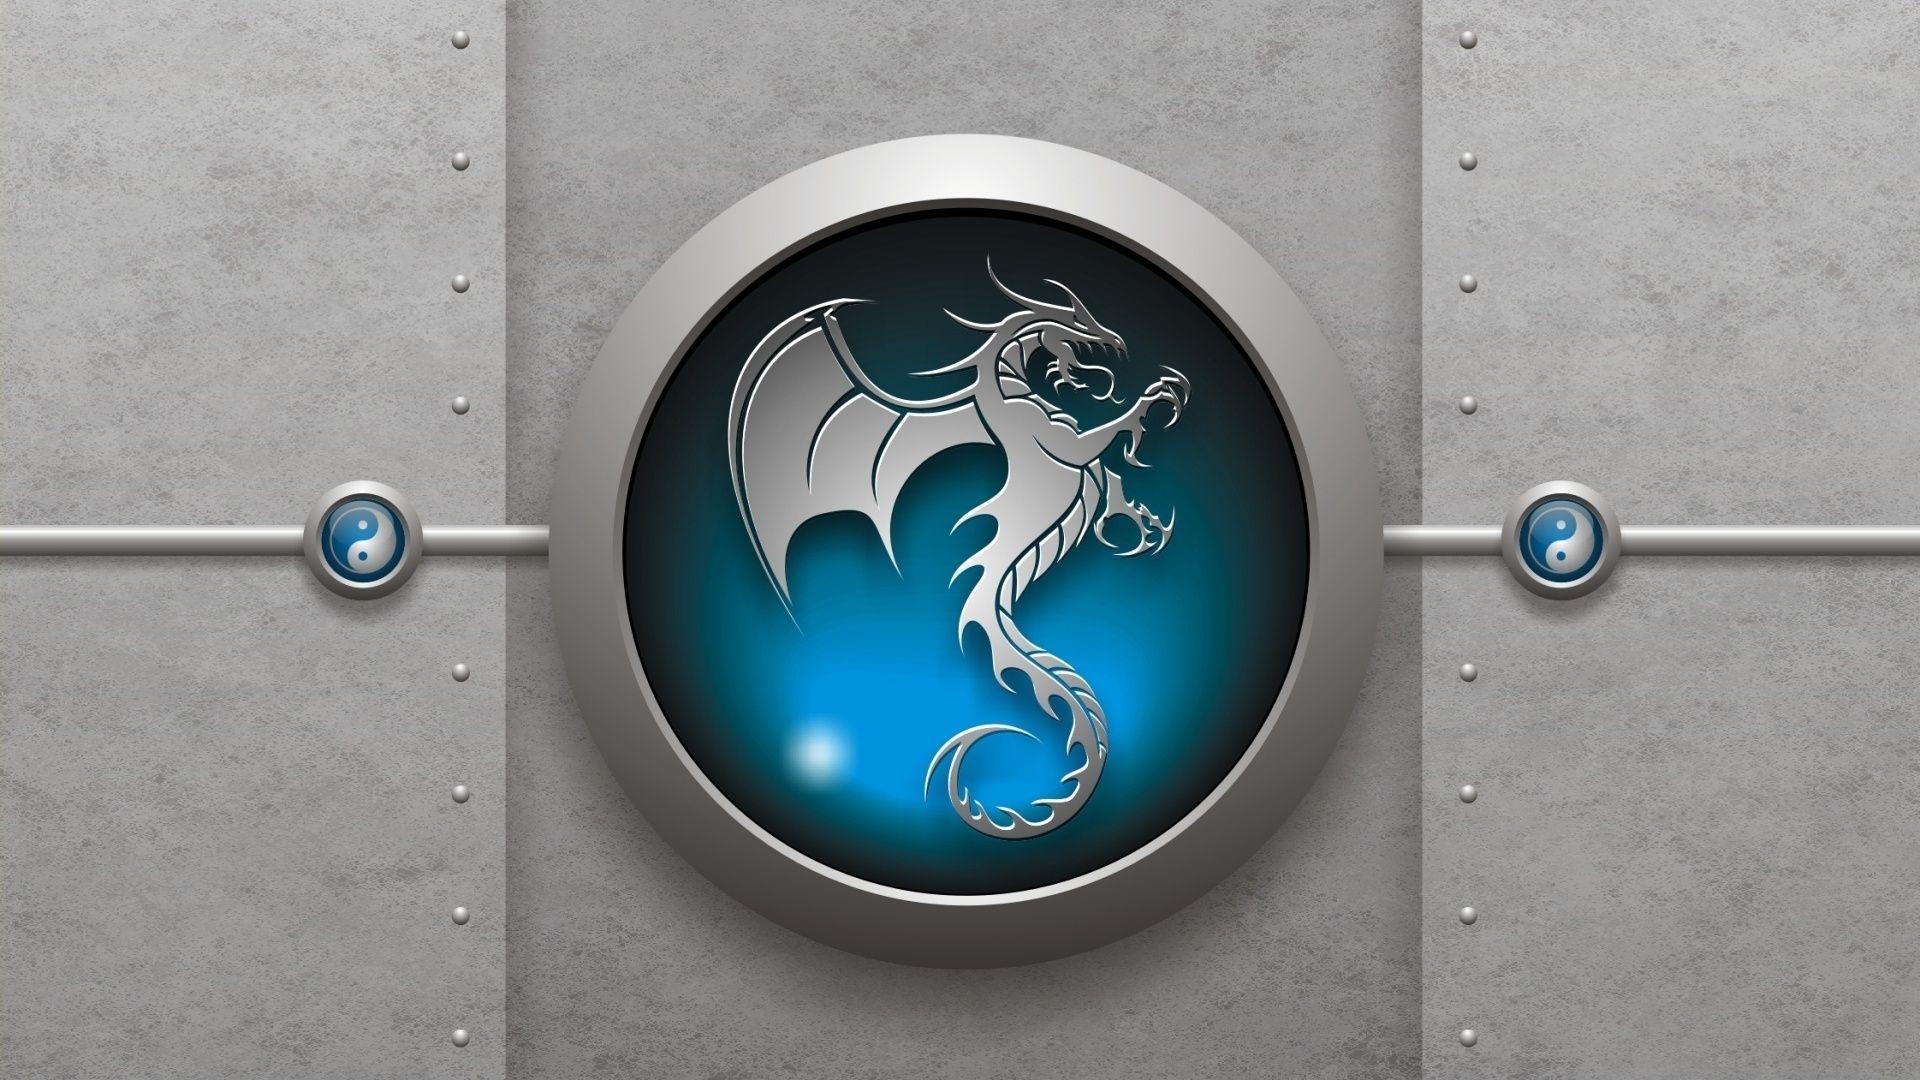 3d wallpaper free download | download dragon logo 3d hd wallpaper